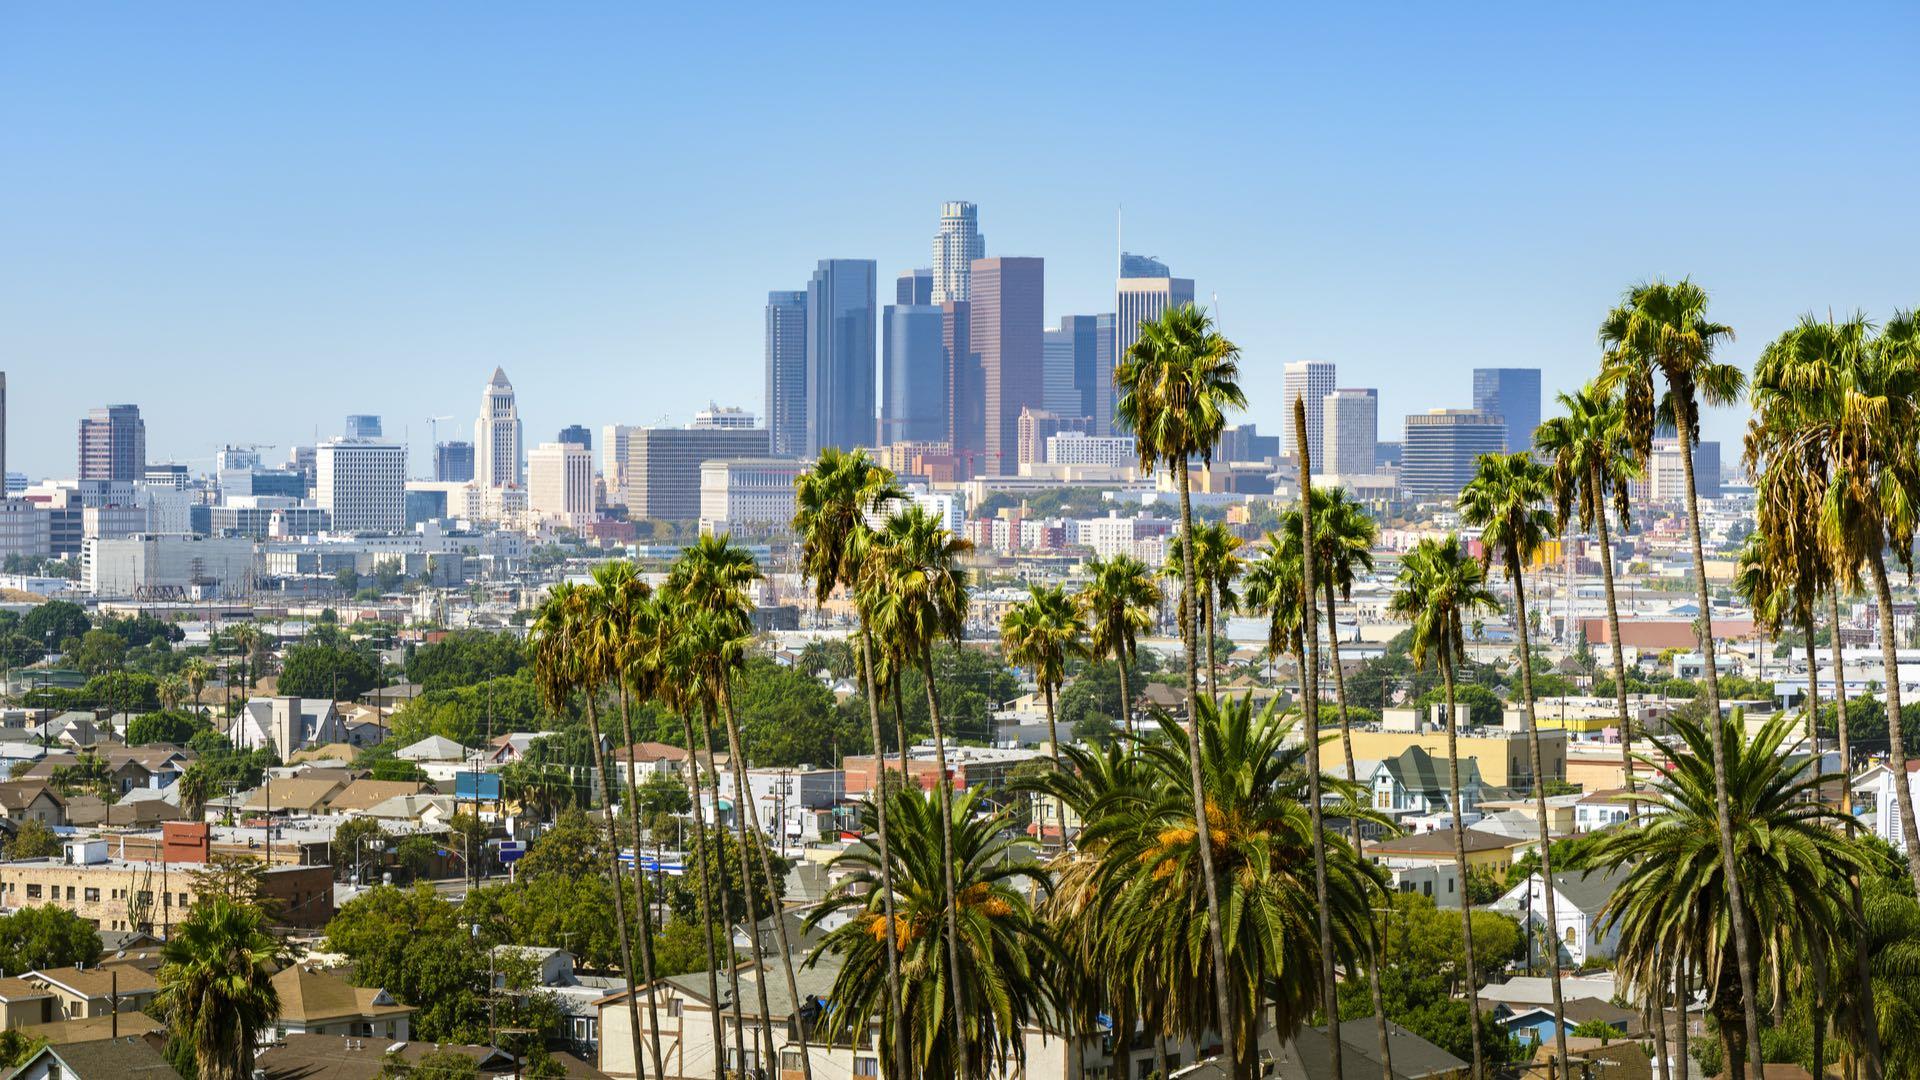 USA | Los Angeles | ©Chones/shutterstock.com